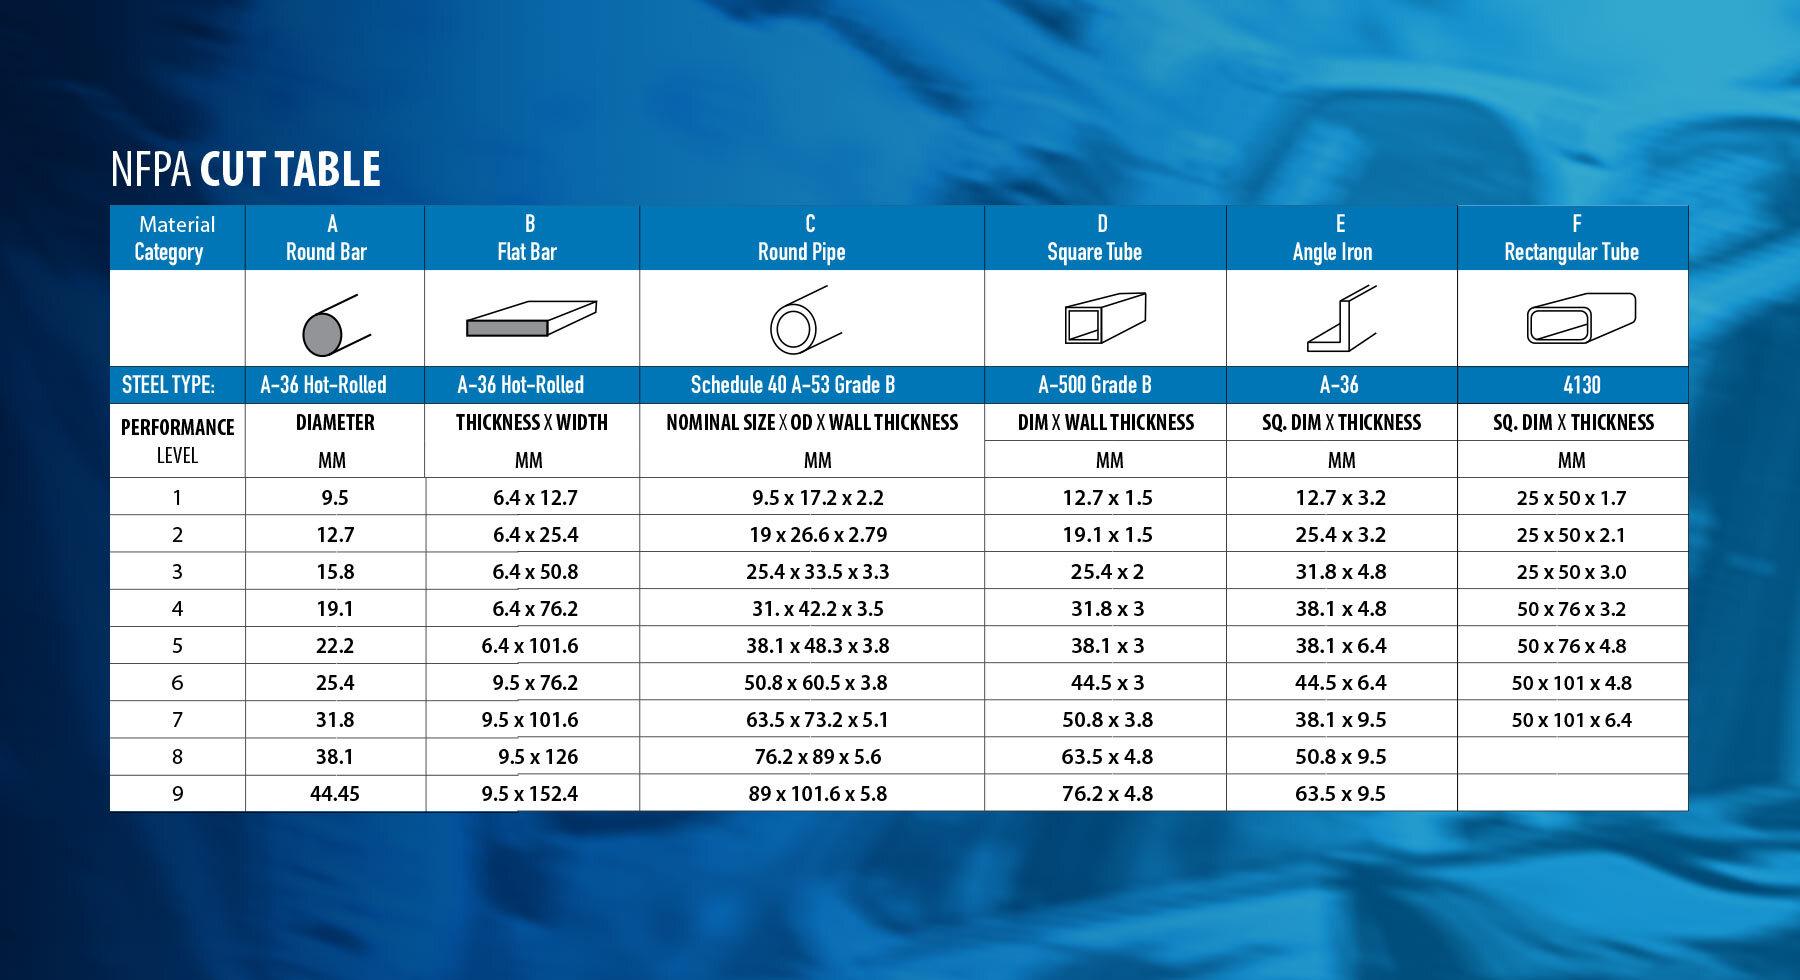 NFPAchart-1.jpg#asset:10680